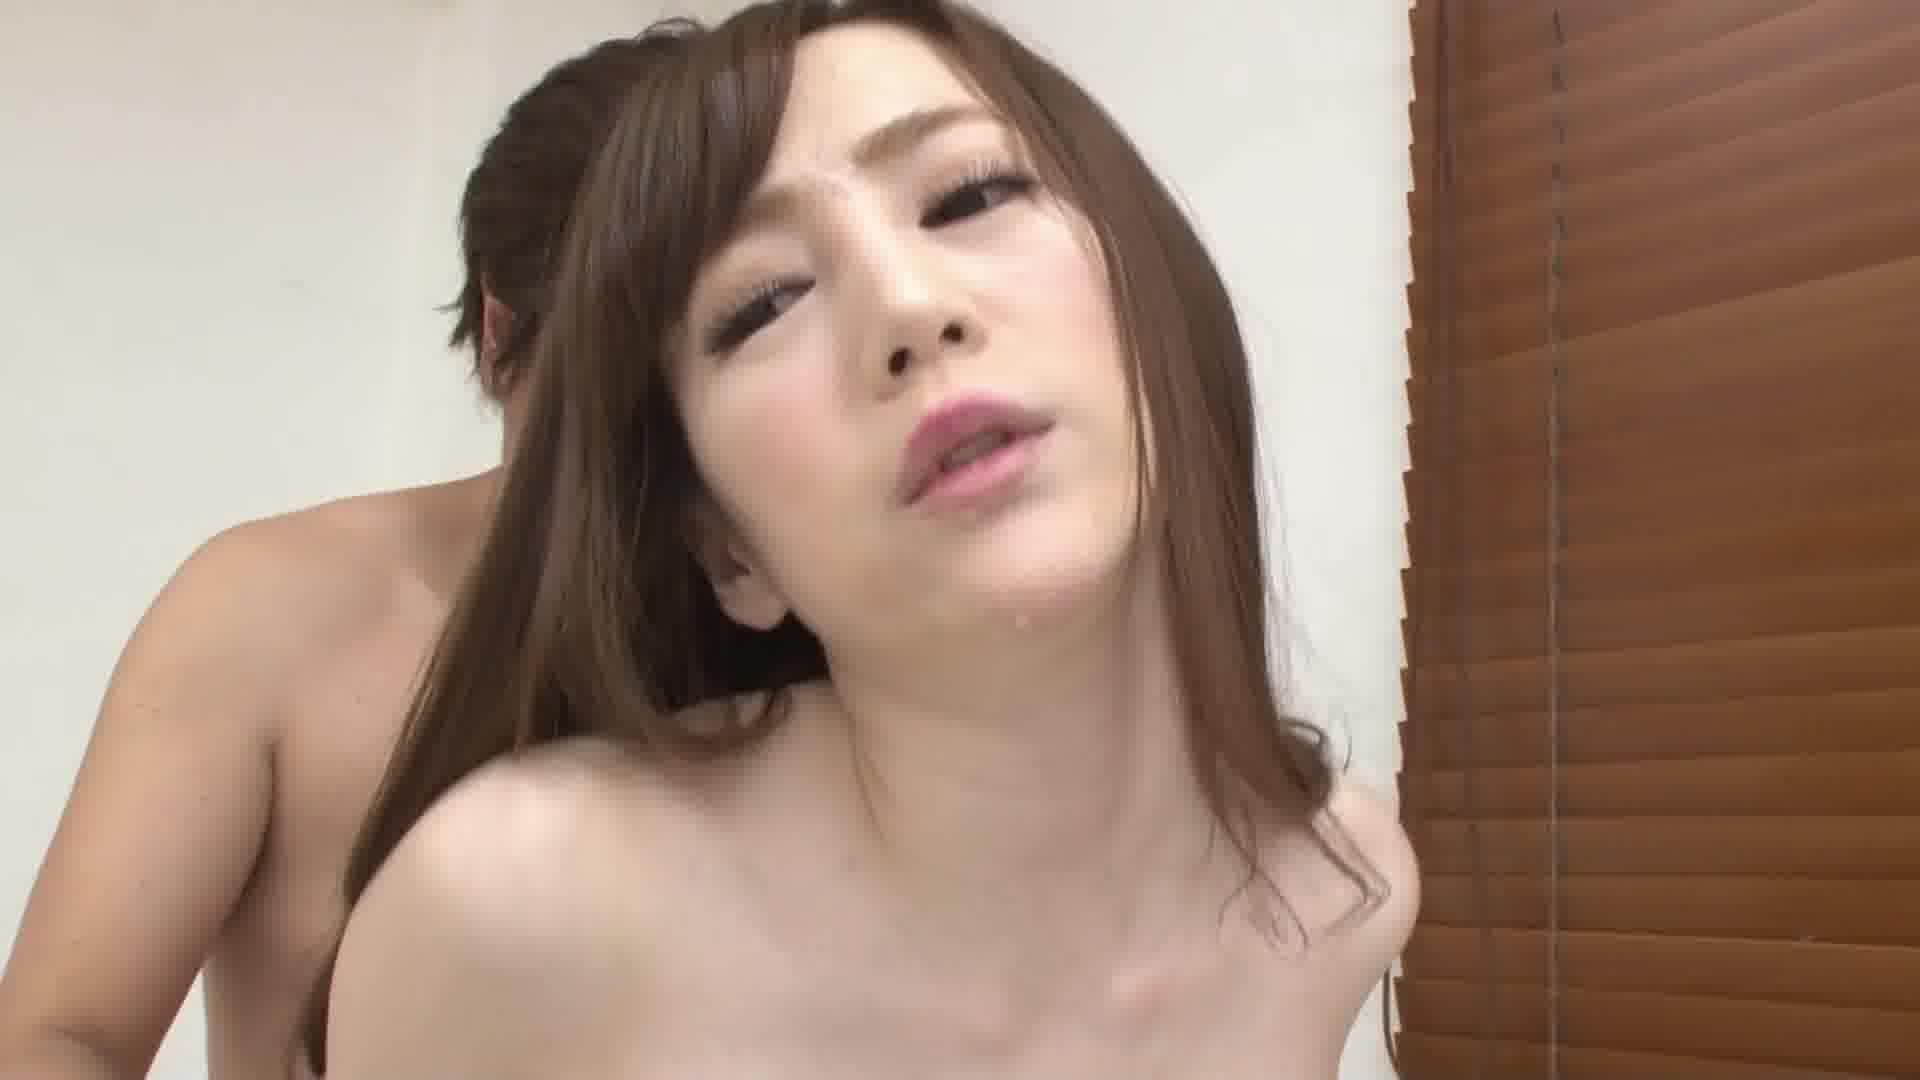 予約が取れない超人気風俗嬢と濃厚に絡み合う肉感セックス - すみれ美香【巨乳・パイズリ・中出し】